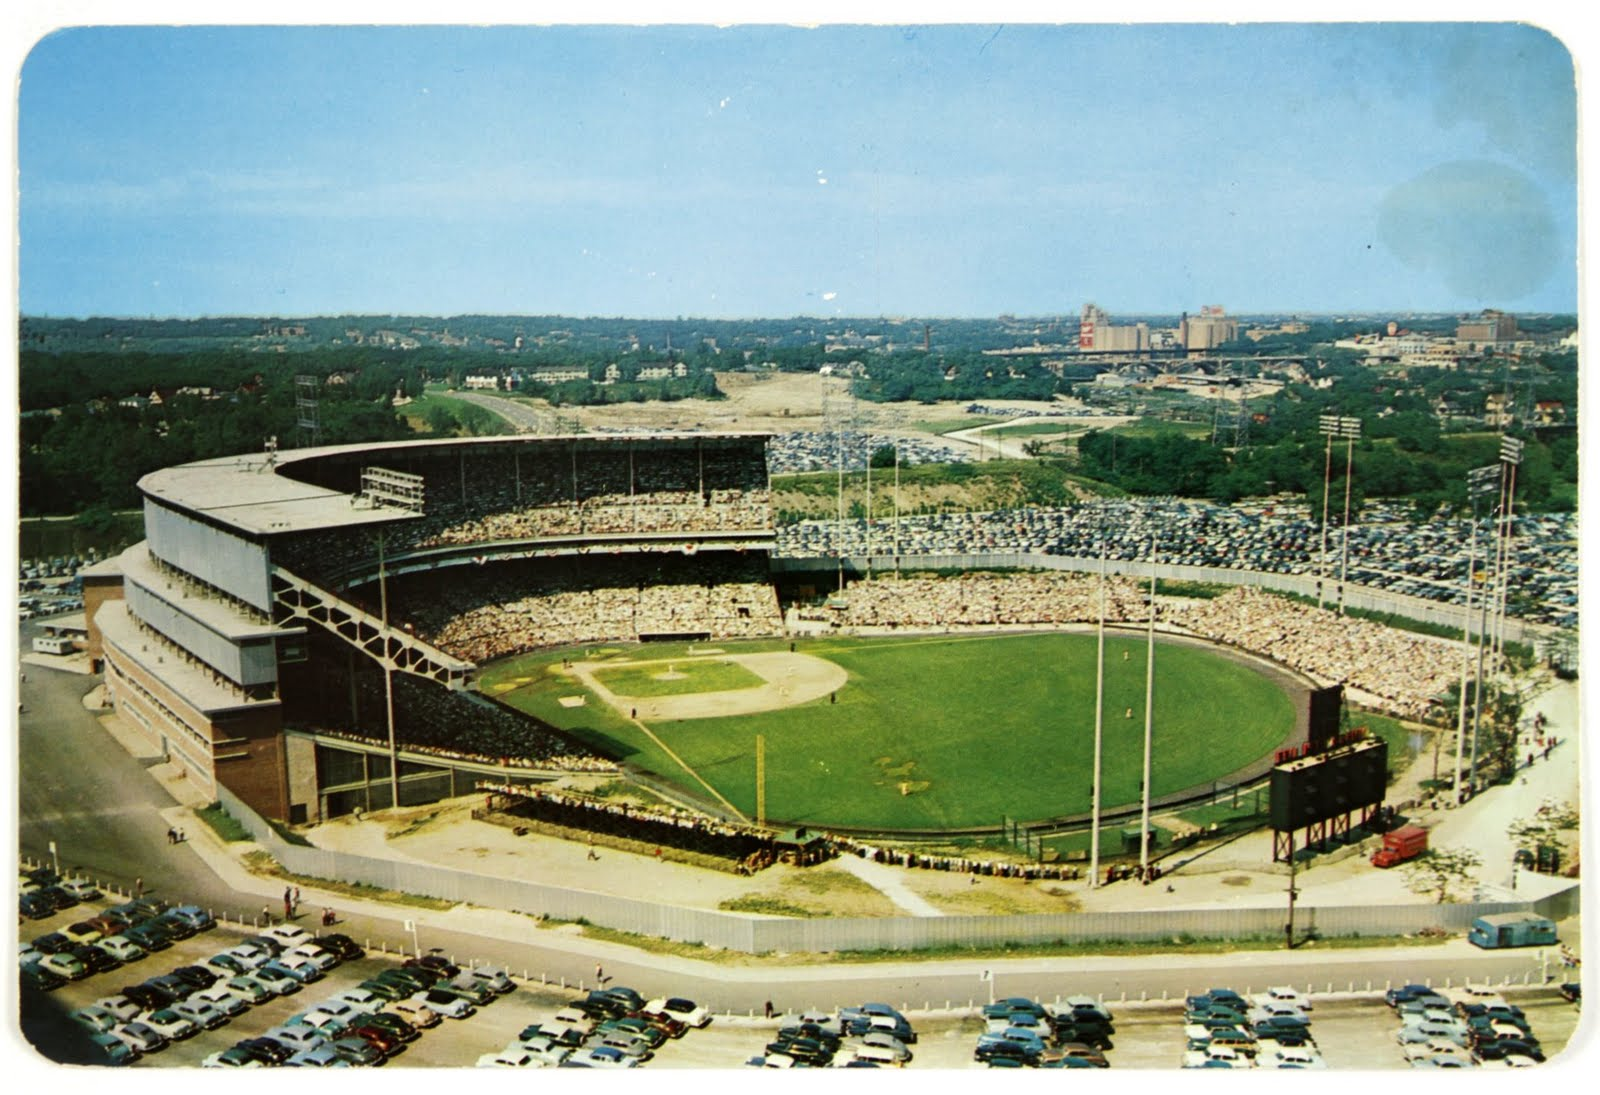 Paris LF: Milwaukee County Stadium